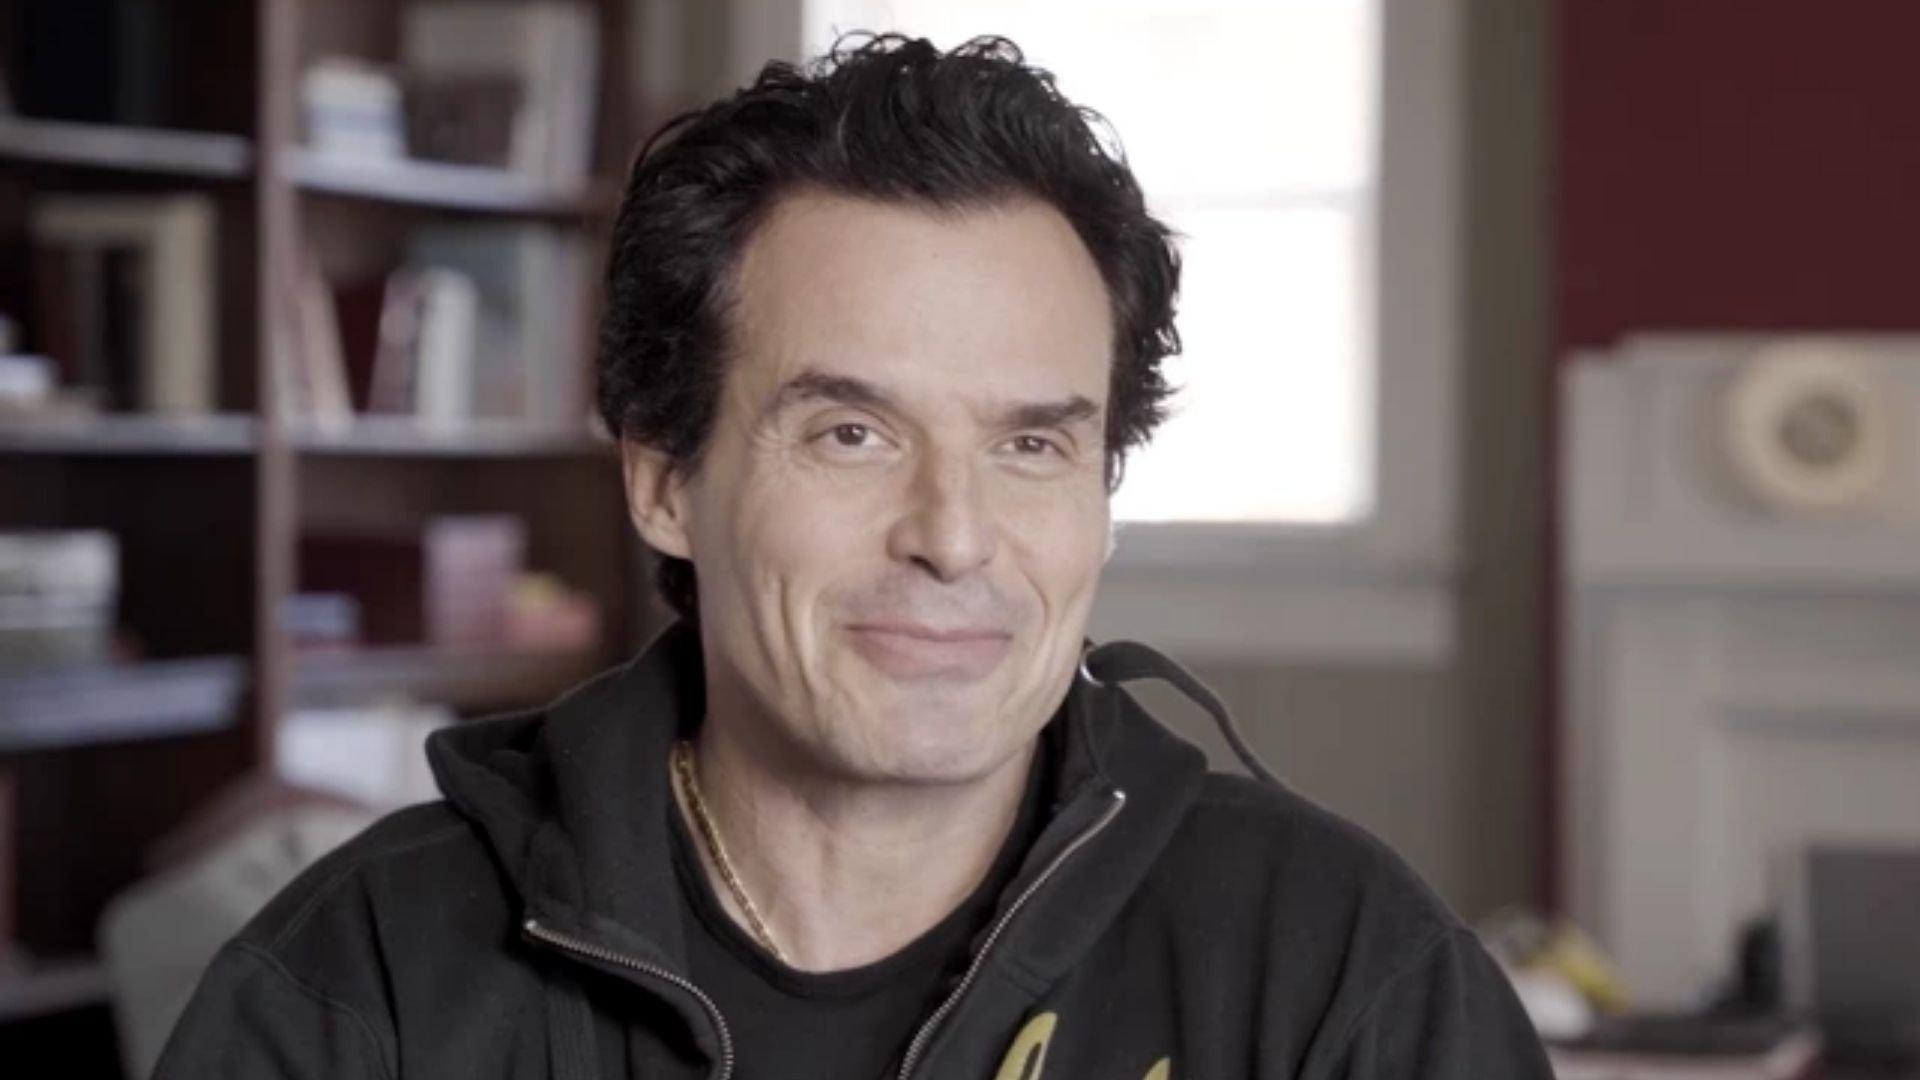 'Confie em Cristo quando não houver mais liberdade', diz ator do filme Deus Não Está Morto